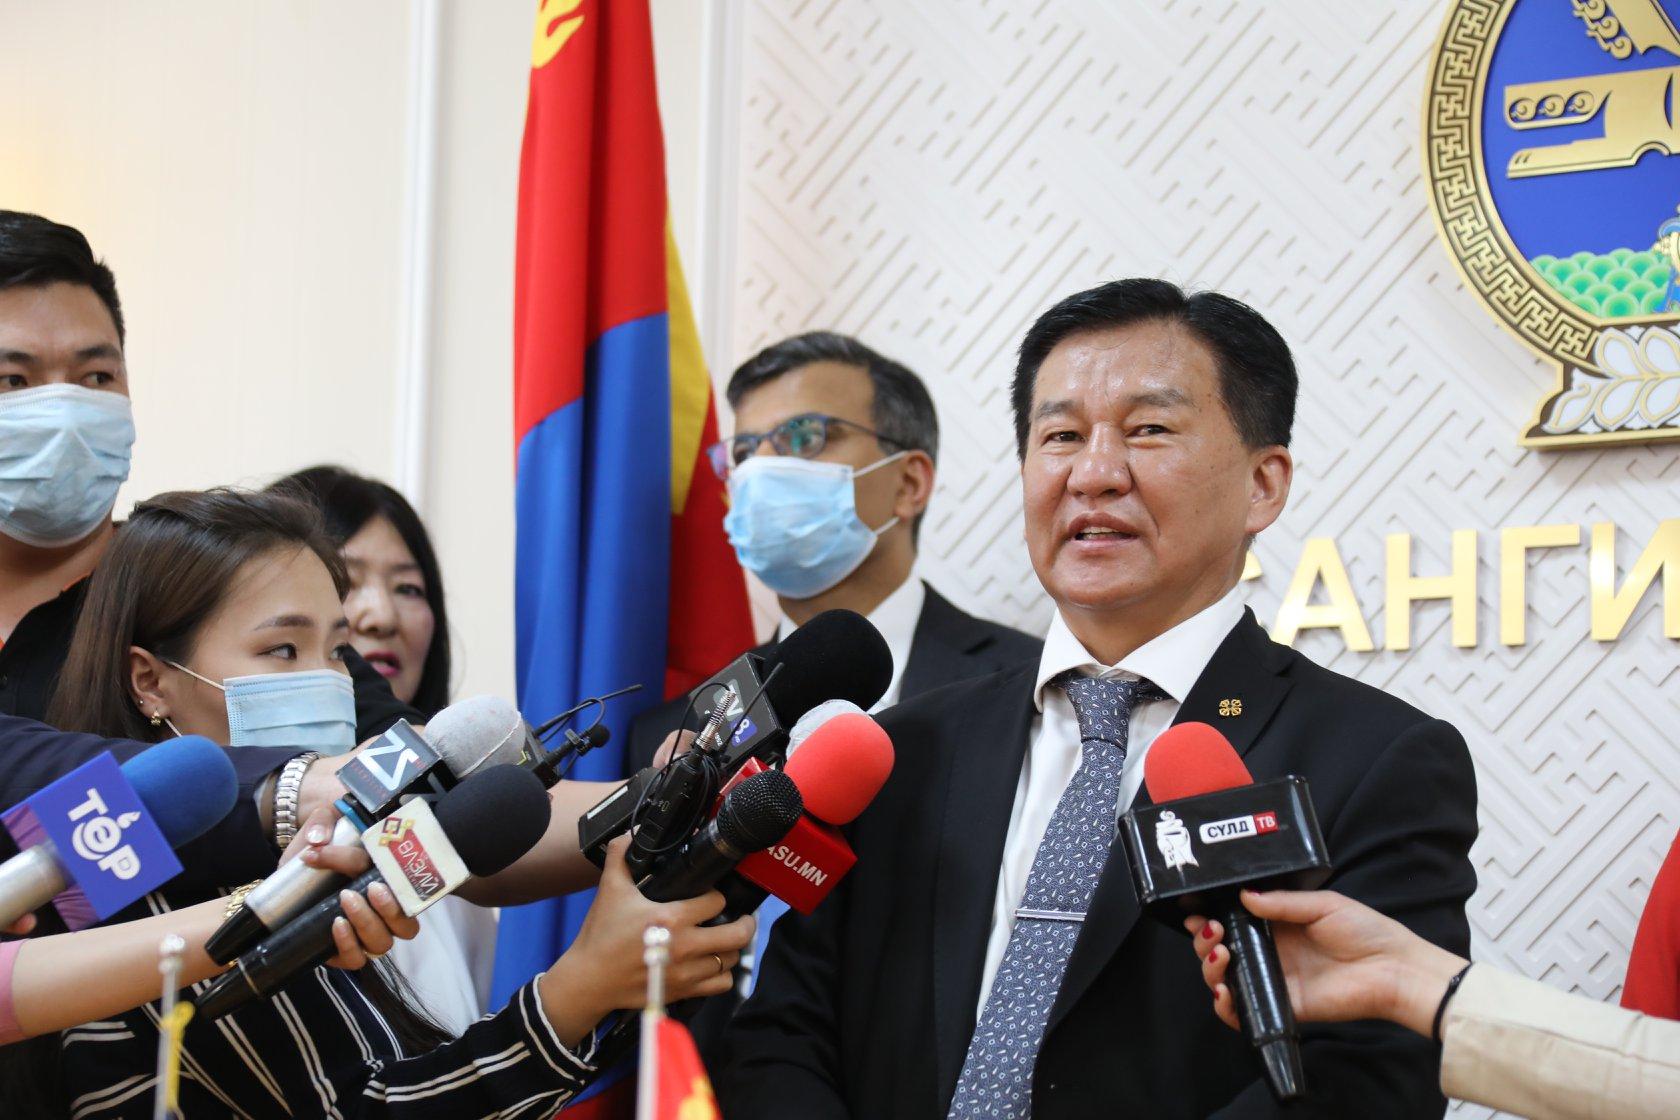 Ц.Даваасүрэн: Монгол Улс дэлхийд хамгийн томд тооцогдох батарей хуримтлуурын станцтай болох санхүүжилт шийдэгдлэ